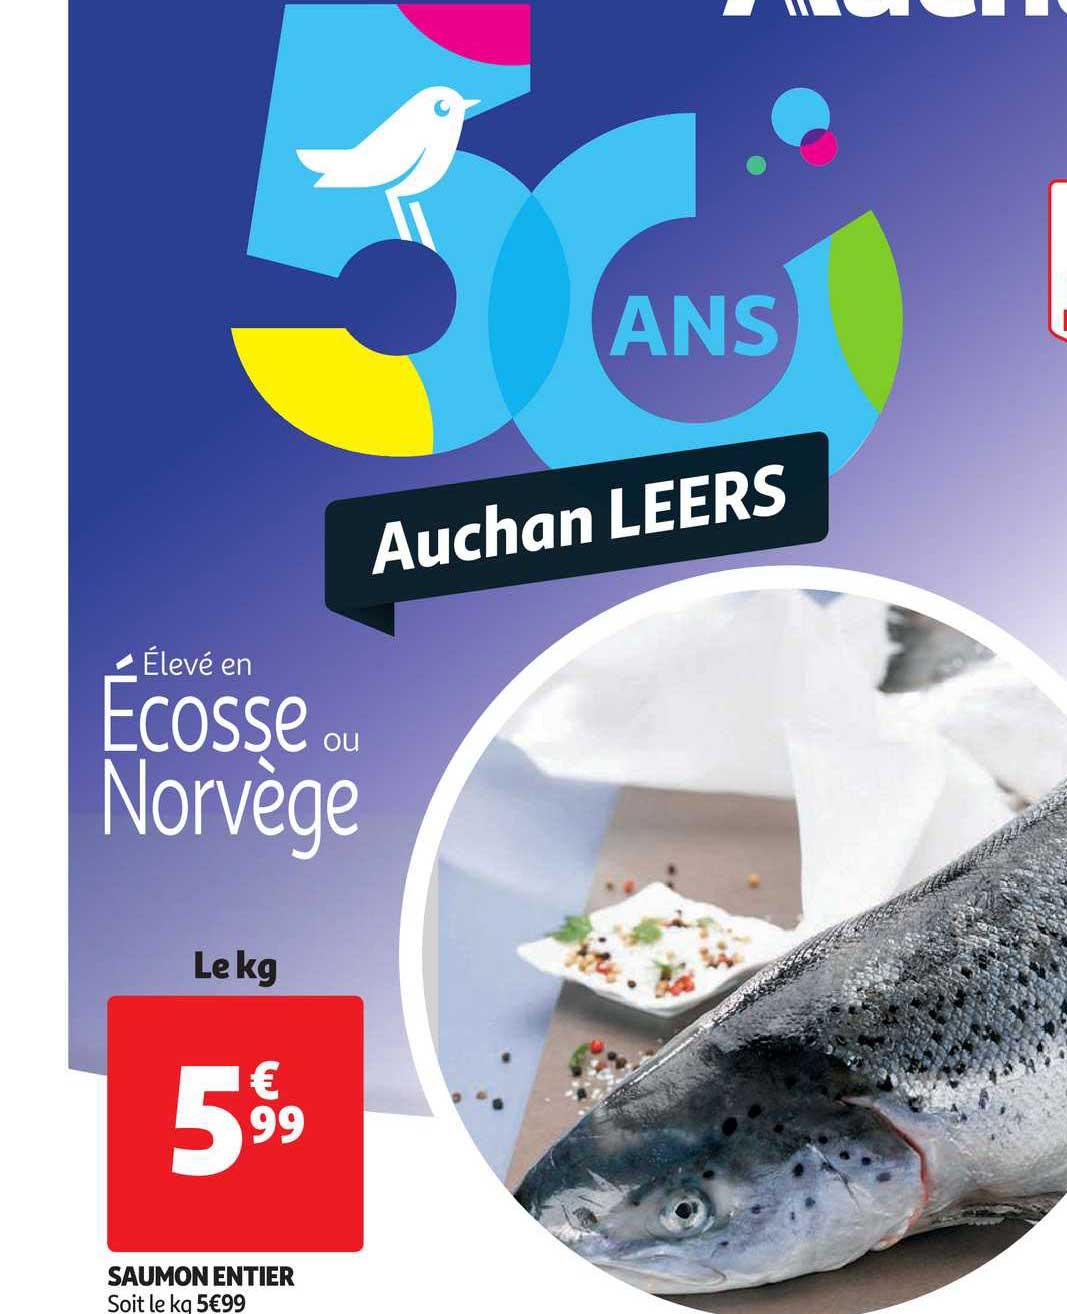 Auchan Direct Saumon Entier